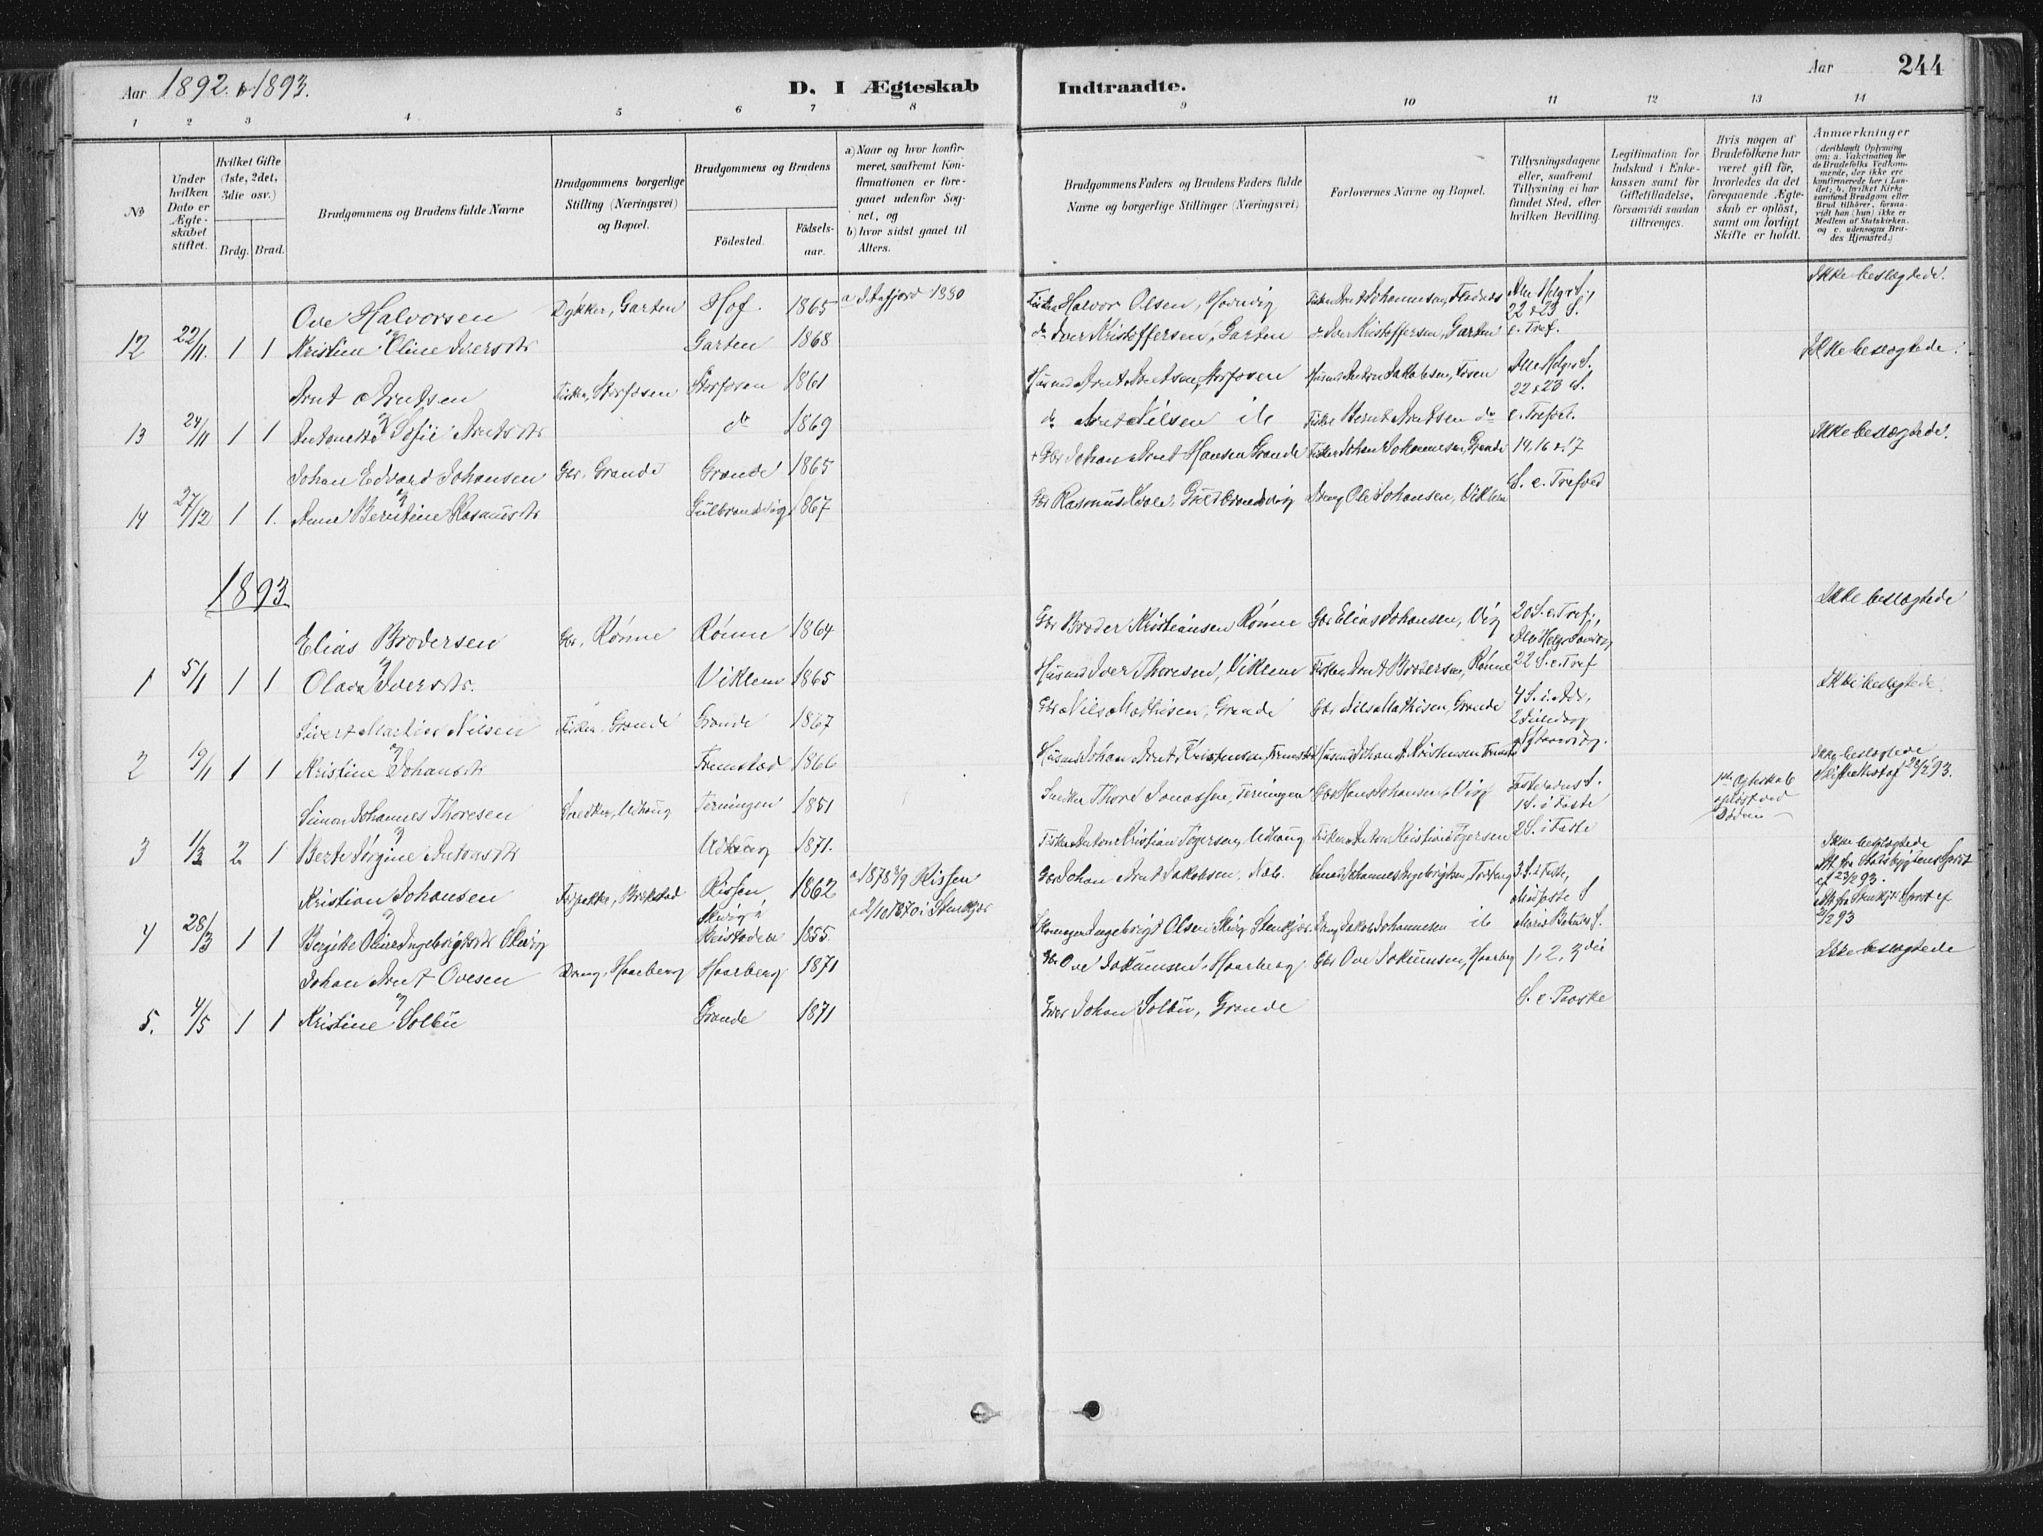 SAT, Ministerialprotokoller, klokkerbøker og fødselsregistre - Sør-Trøndelag, 659/L0739: Ministerialbok nr. 659A09, 1879-1893, s. 244